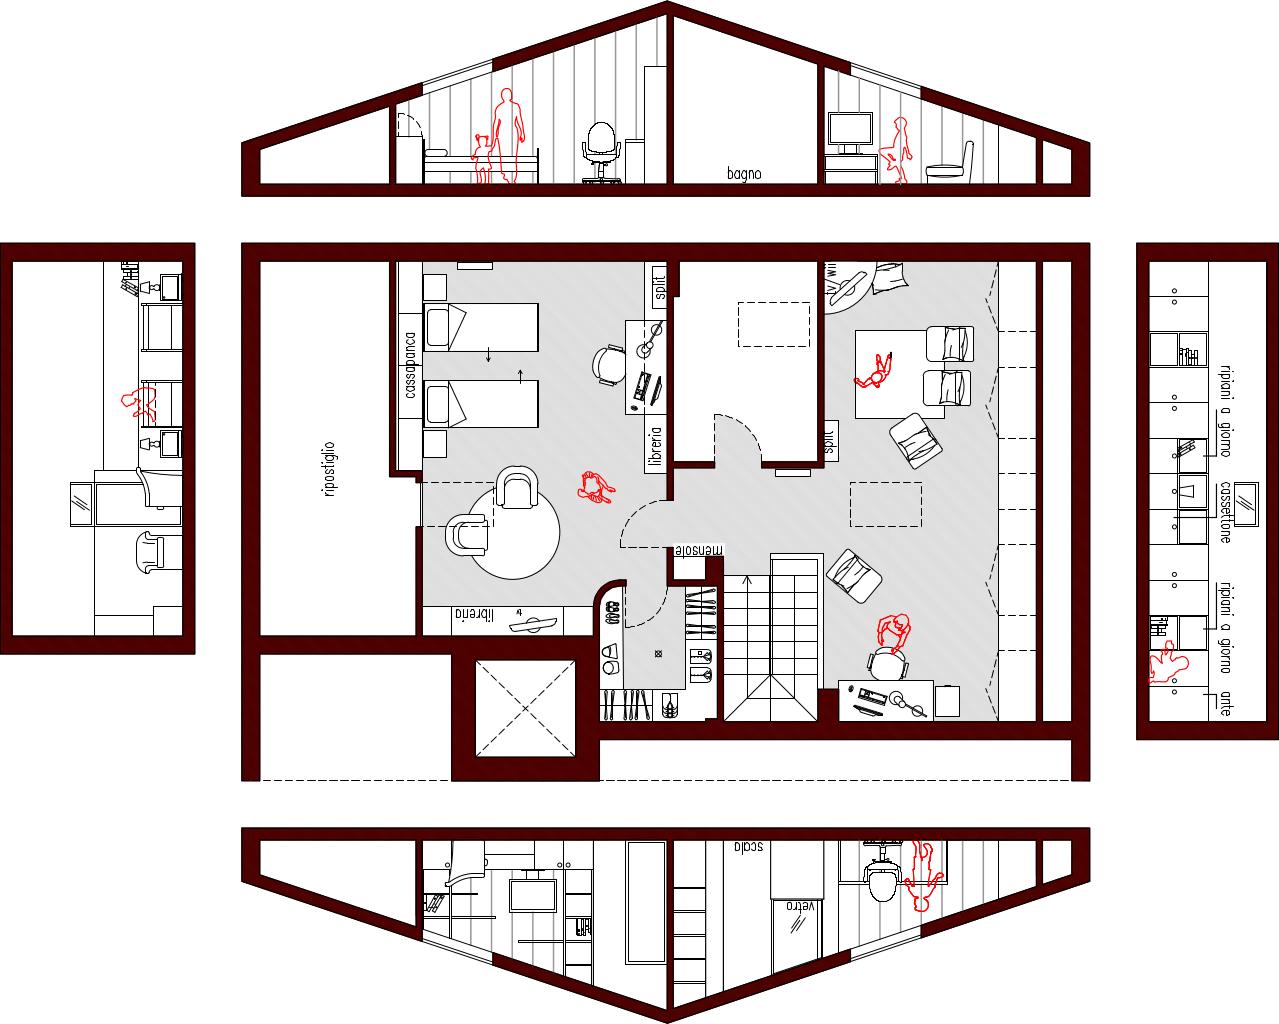 Progetto 80 mq architettura a domicilio for Casa moderna 80 mq